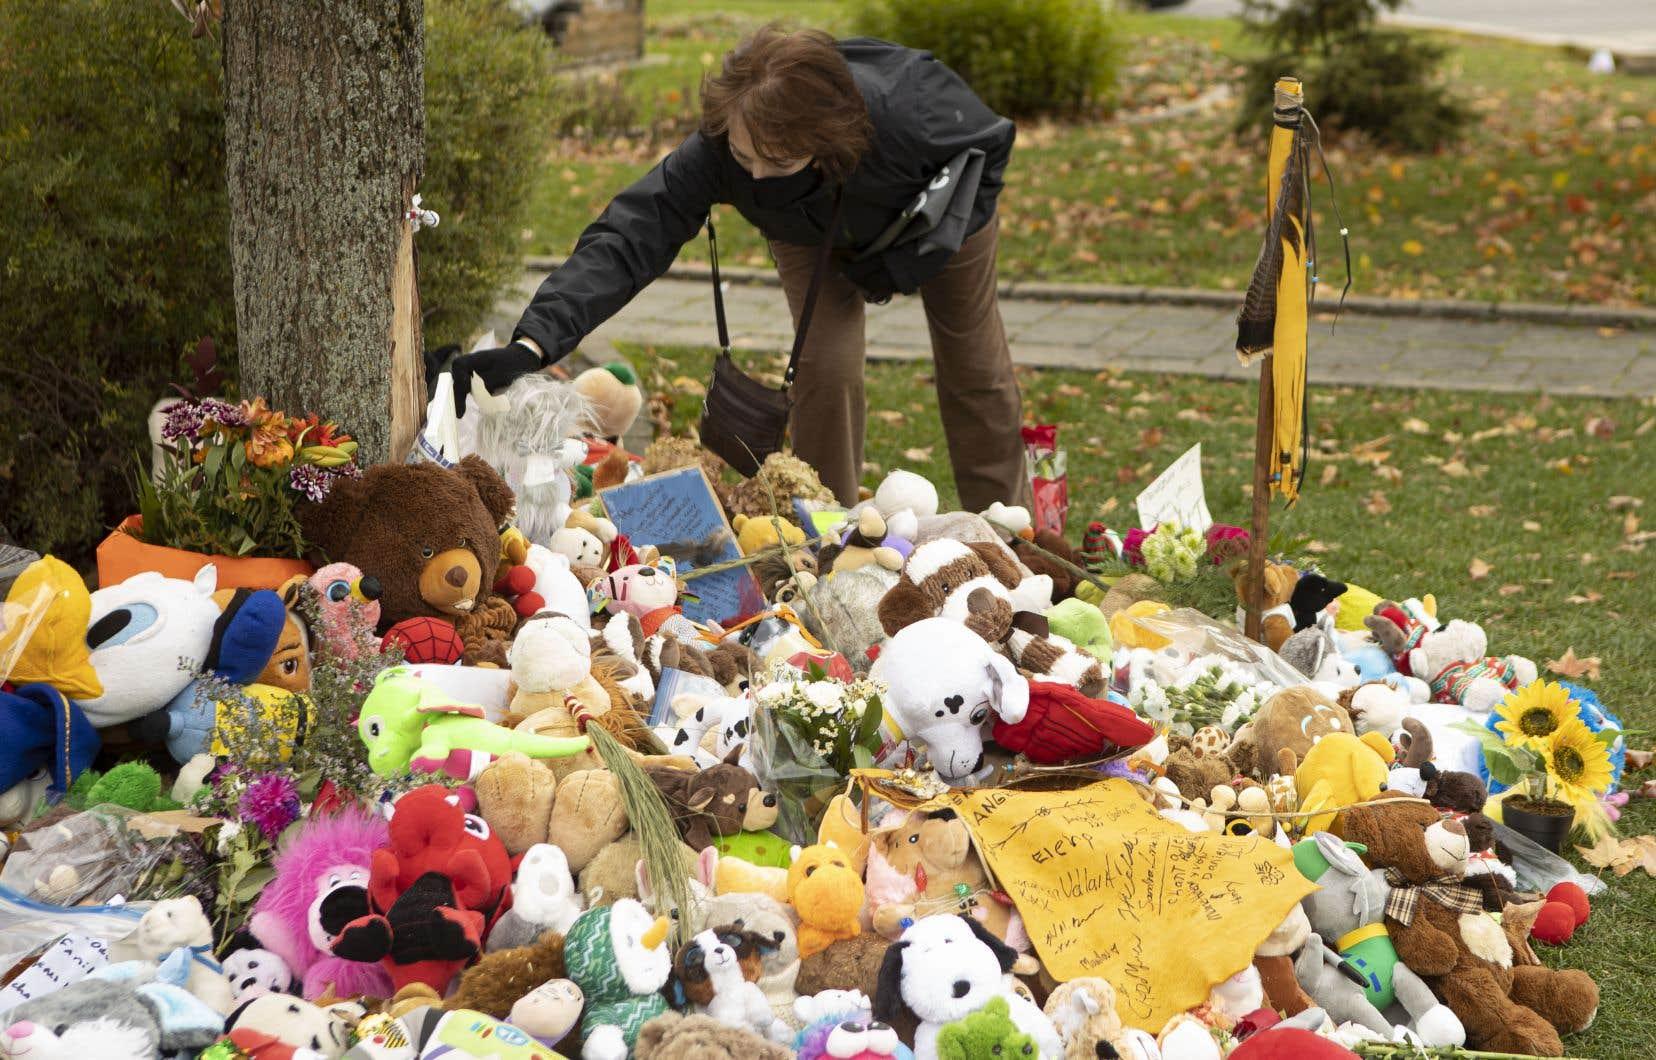 Un mémorial dédié aux deux petits garçons retrouvés morts dimanche a été érigé tout près d'un petit arbre aux feuilles jaunes devant l'église blanche de Wendake.